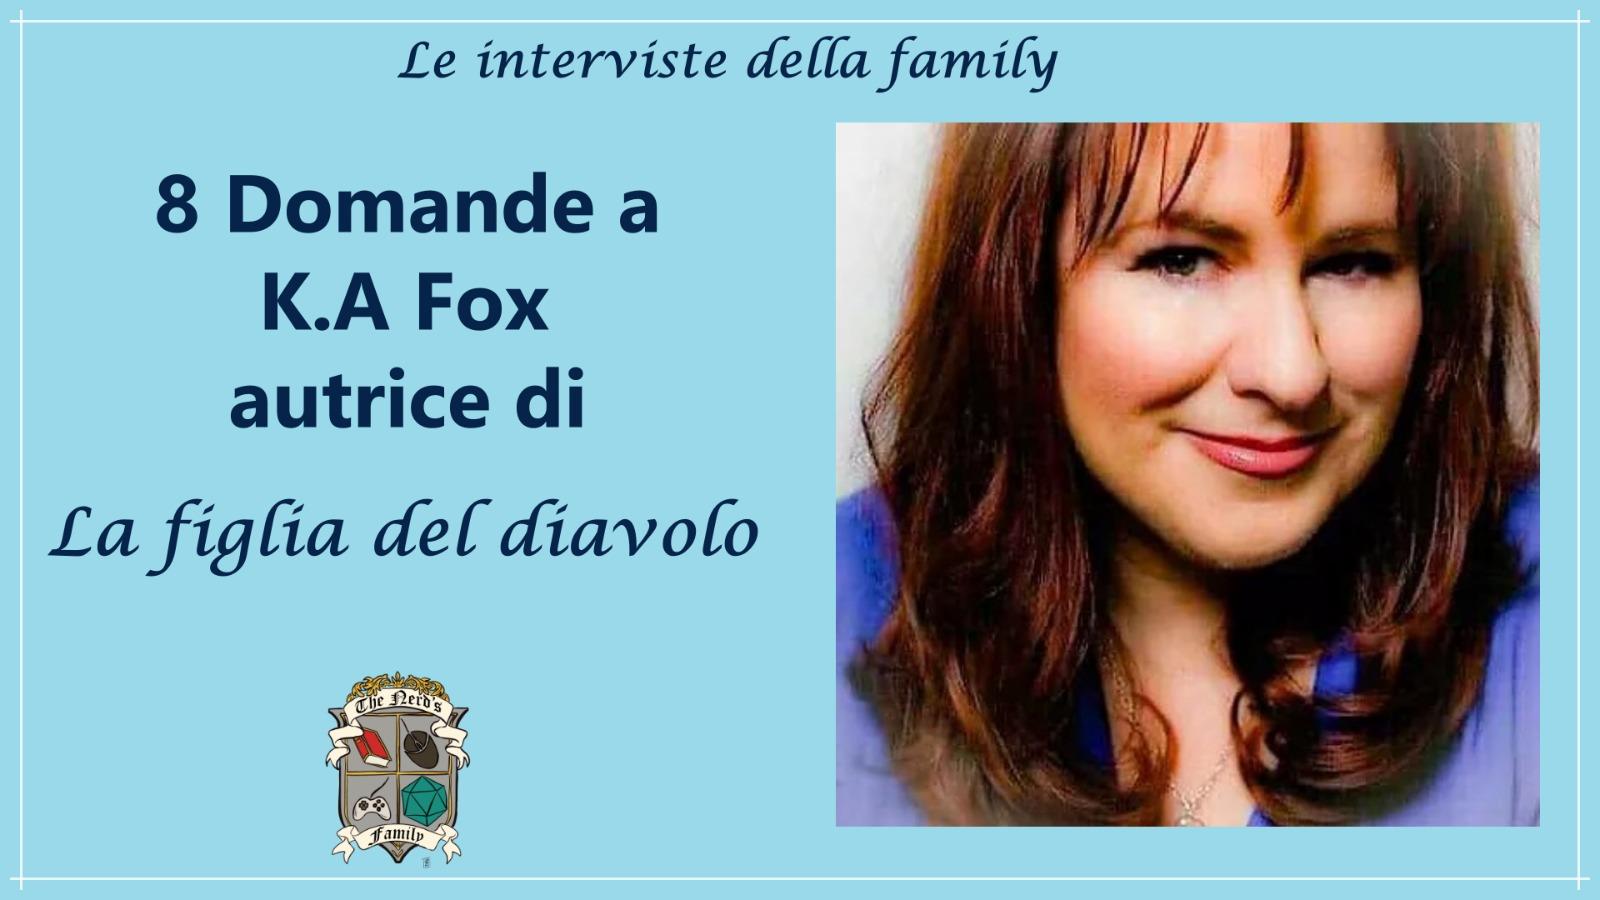 F.A Fox